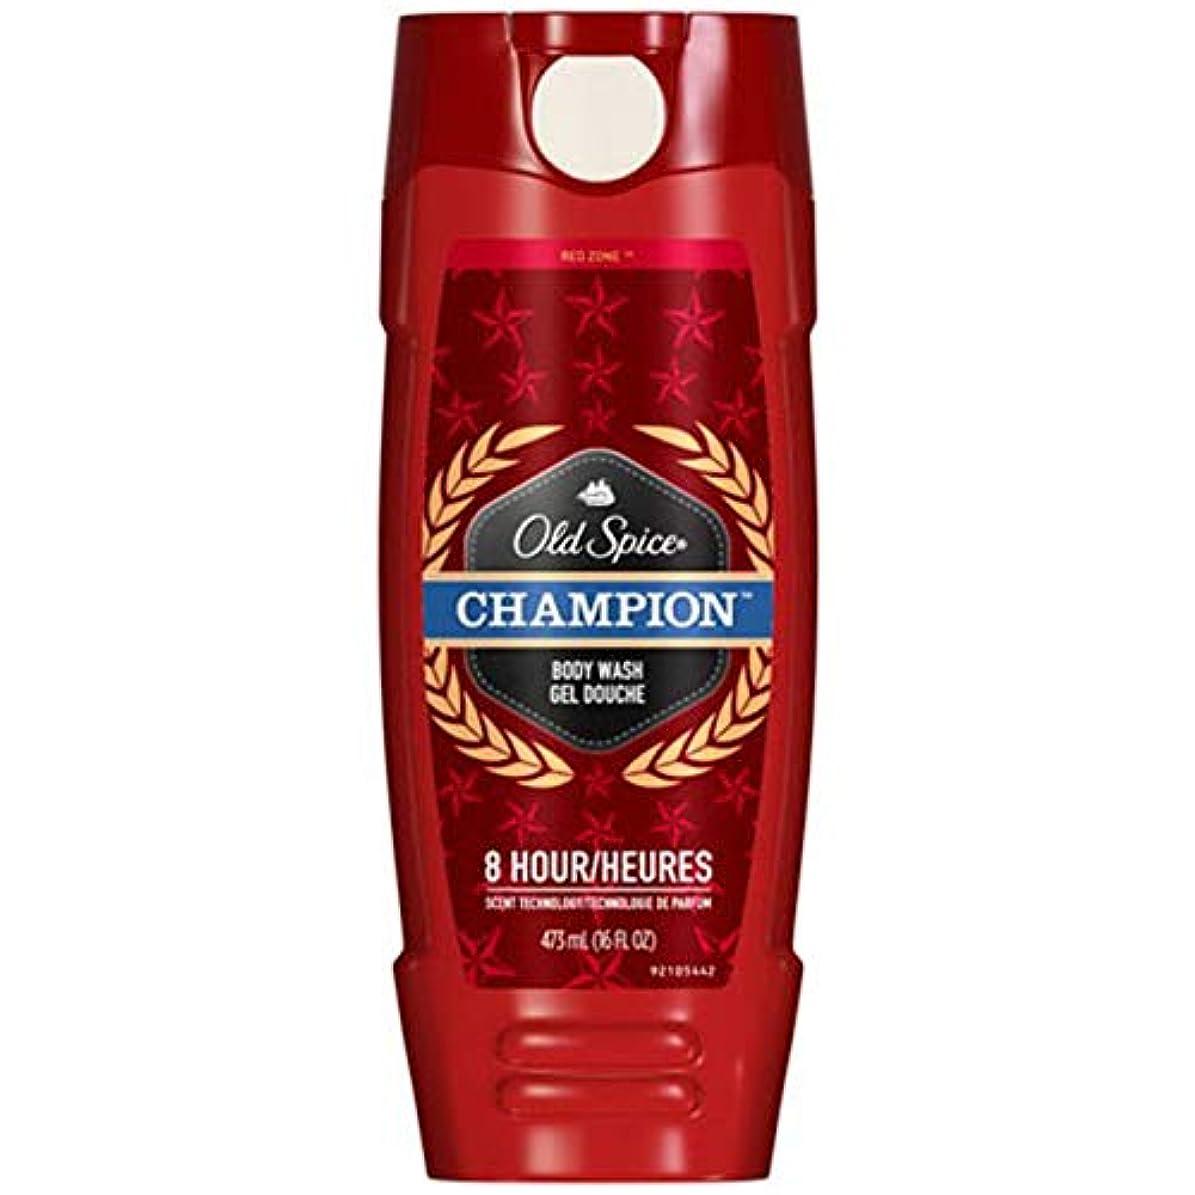 飼いならすアイドルカジュアルOld Spice オールドスパイス ボディーウォッシュジェル Red Zone Body Wash GEL 473ml 並行輸入品 (CHAMPION/チャンピオン) [並行輸入品]